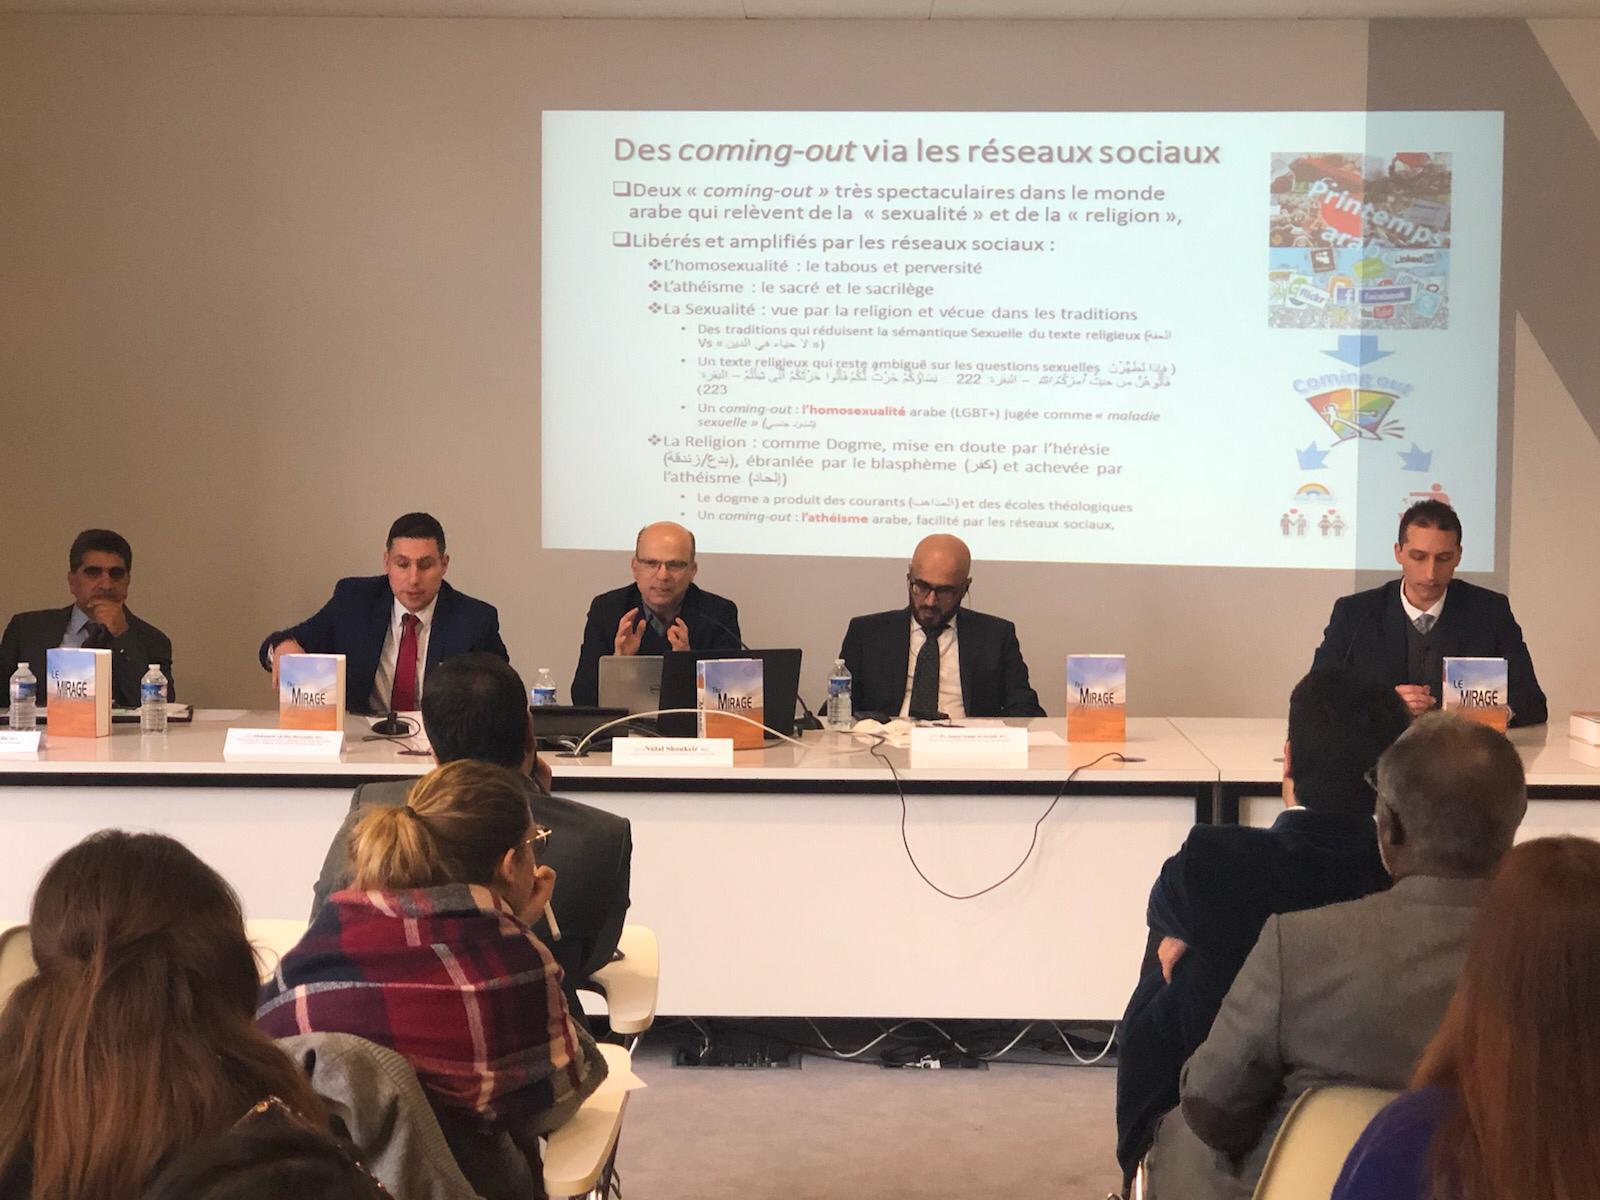 الدكتور جمال سند السويدي يشارك في المائدة المستديرة في فرنسا لمكافحة التطرف